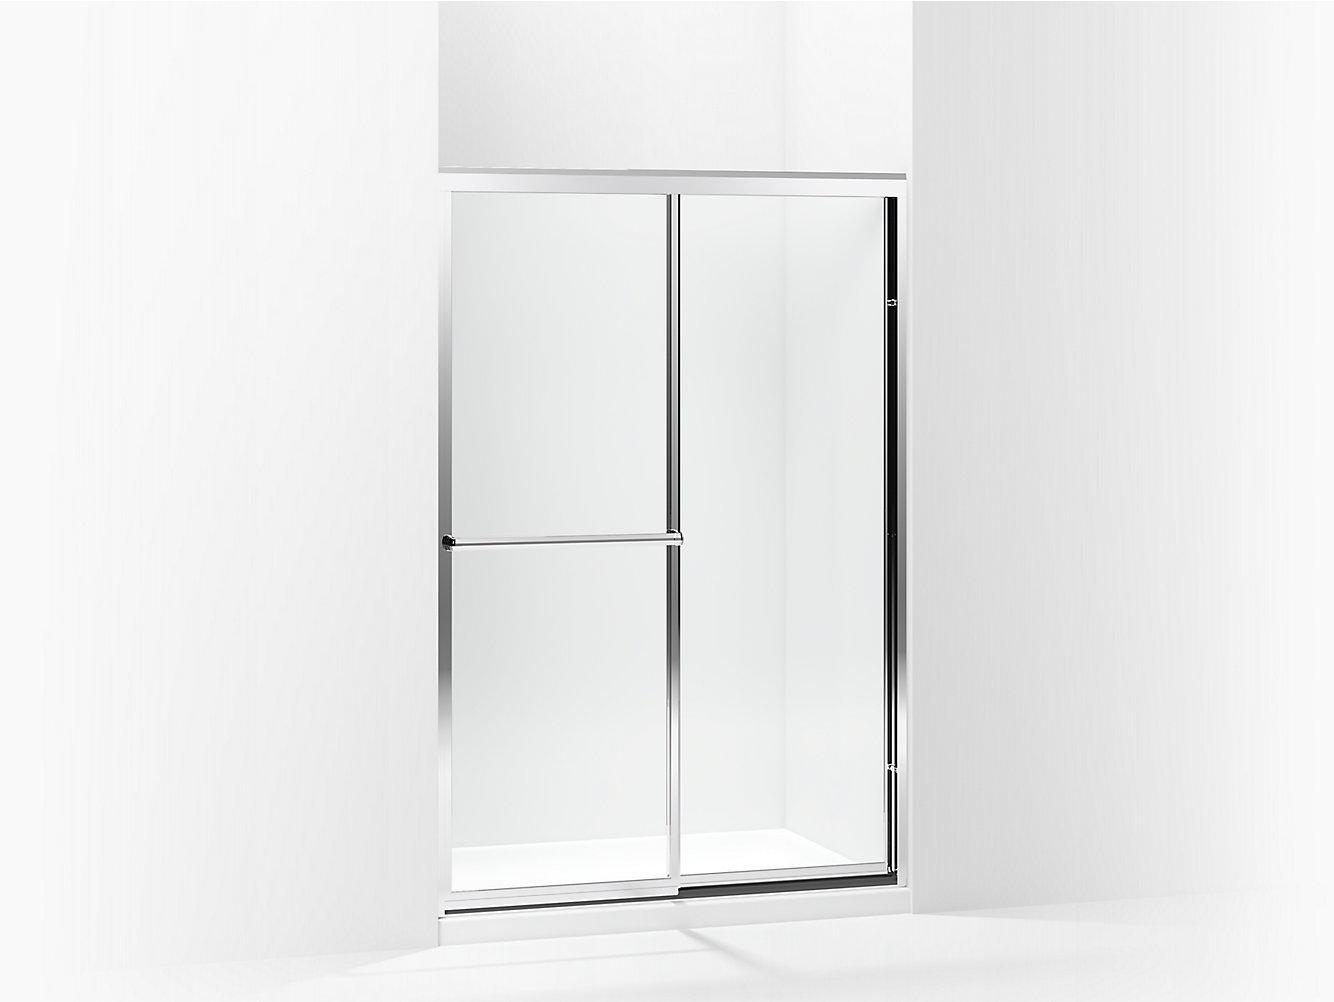 Prevail Framed Sliding Shower Door 43-7/8